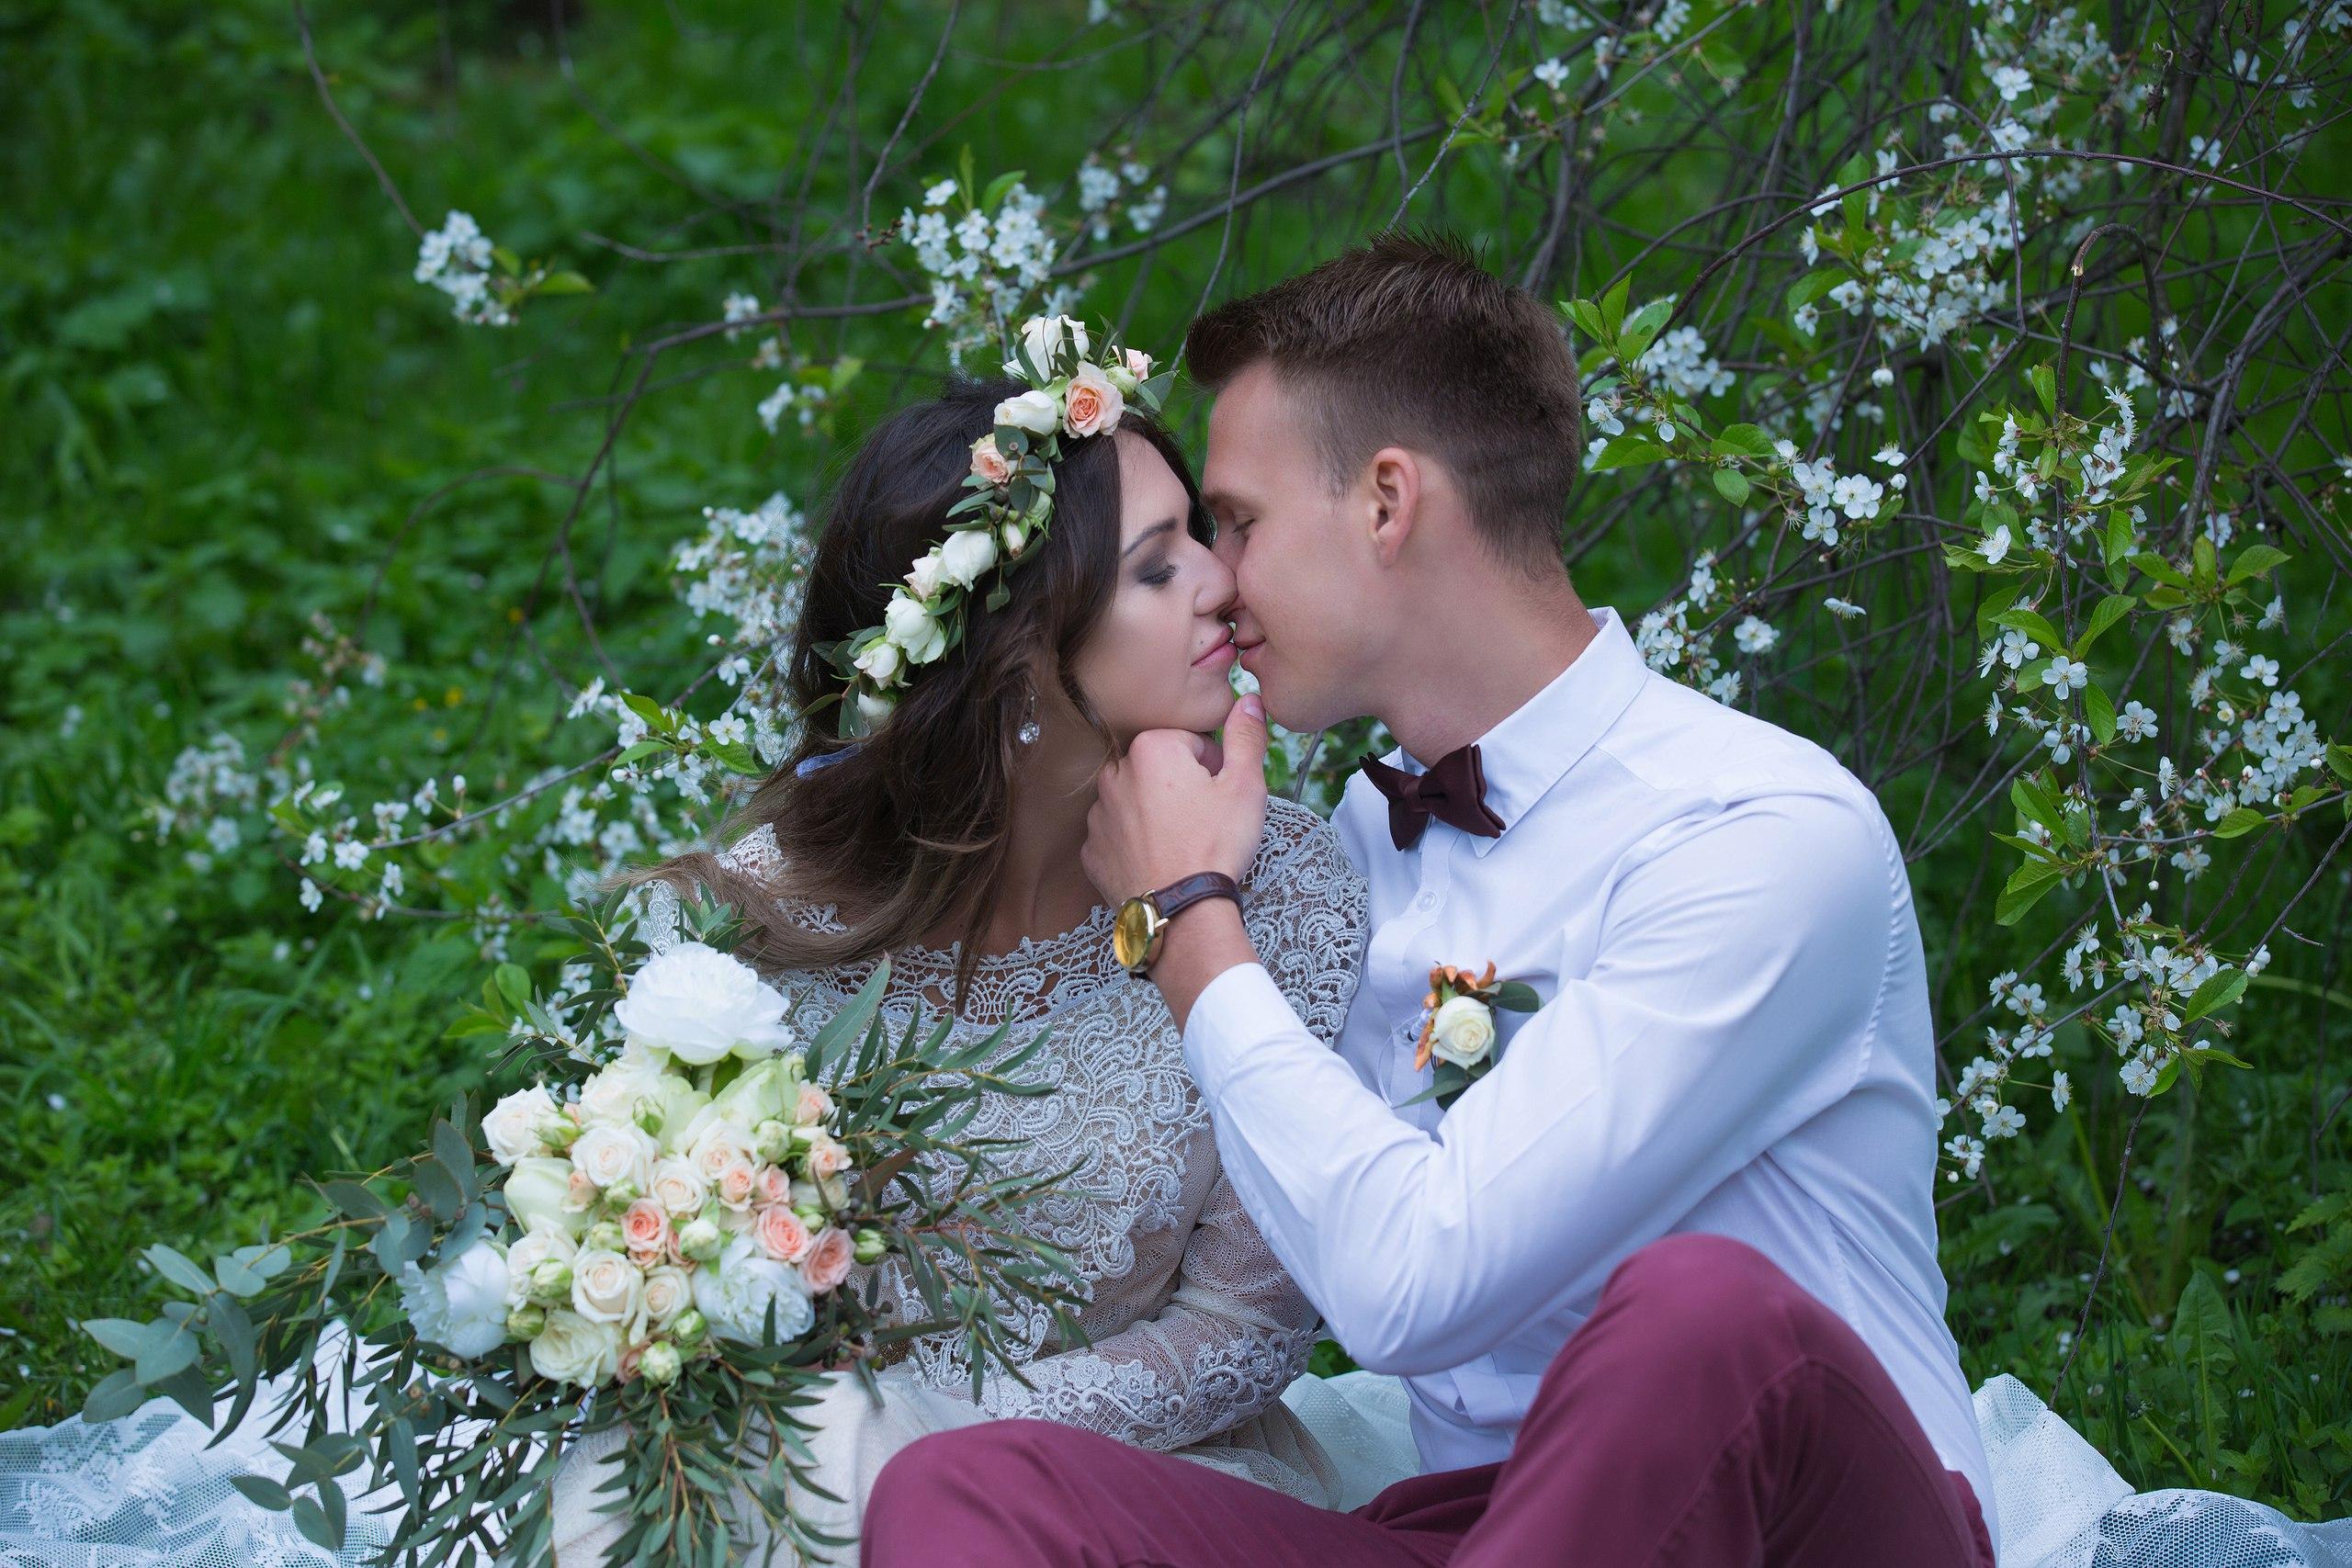 делать, если московские фотографы на свадьбу самки